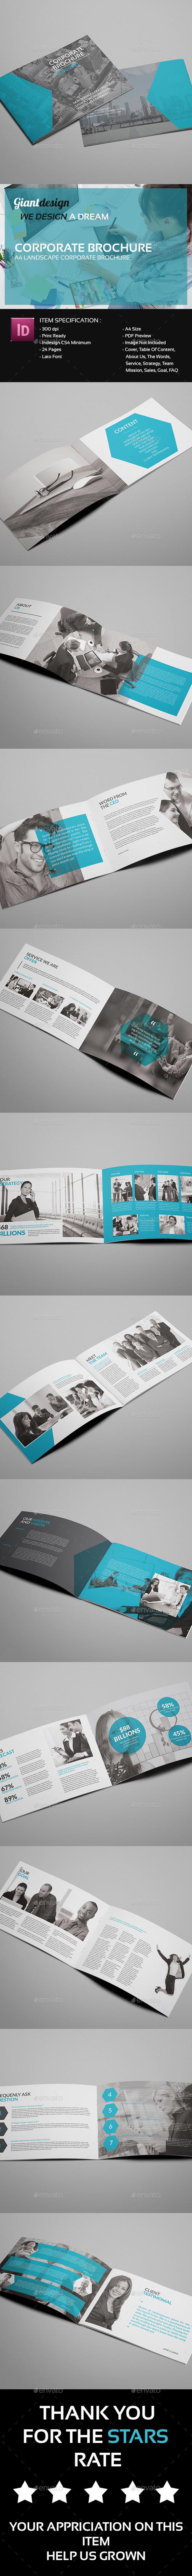 GraphicRiver Corporate Brochure 10002192